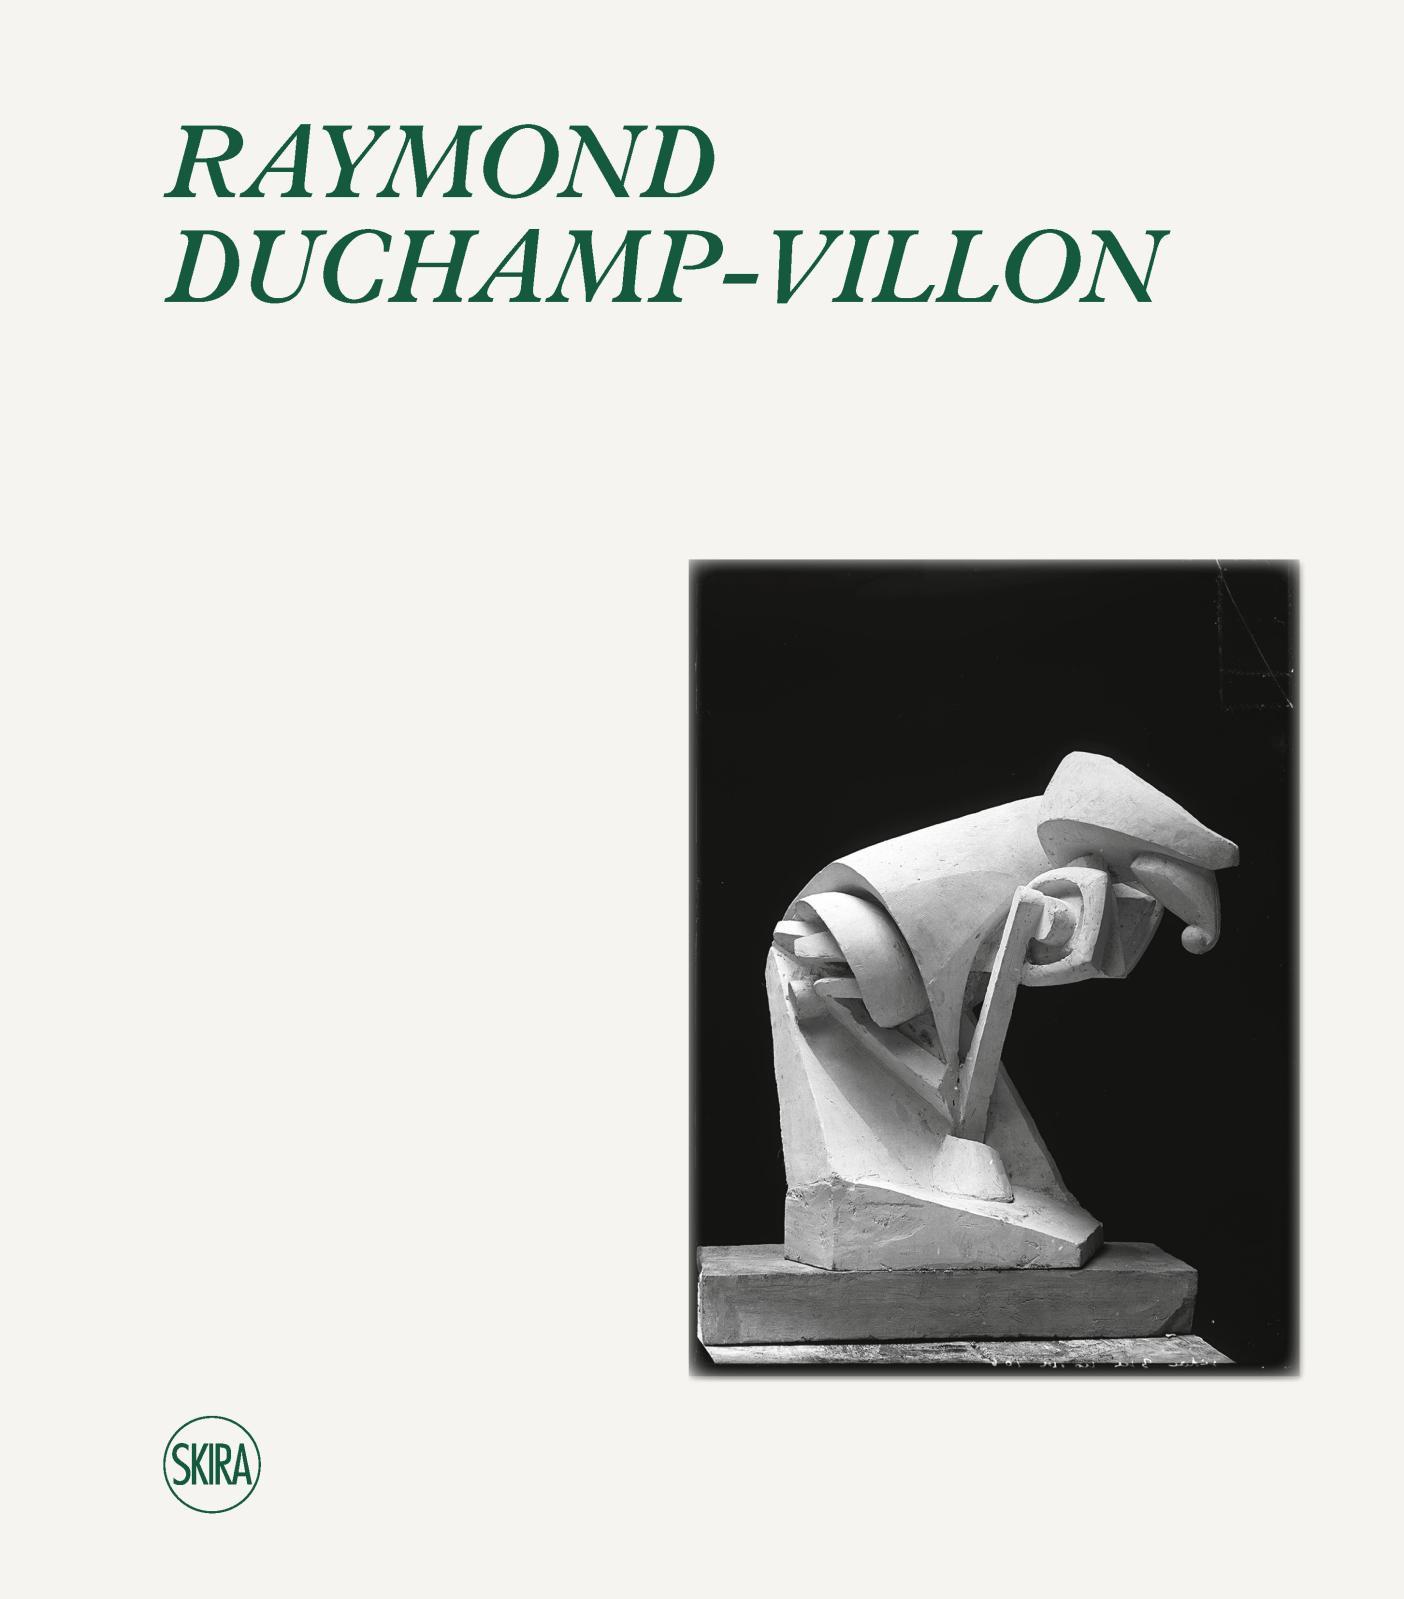 Tout Duchamp-Villon Il manquait à l'œuvre de Raymond Duchamp-Villon (1876-1918) un catalogue raisonnécomplet: c'est chose faite, grâce à